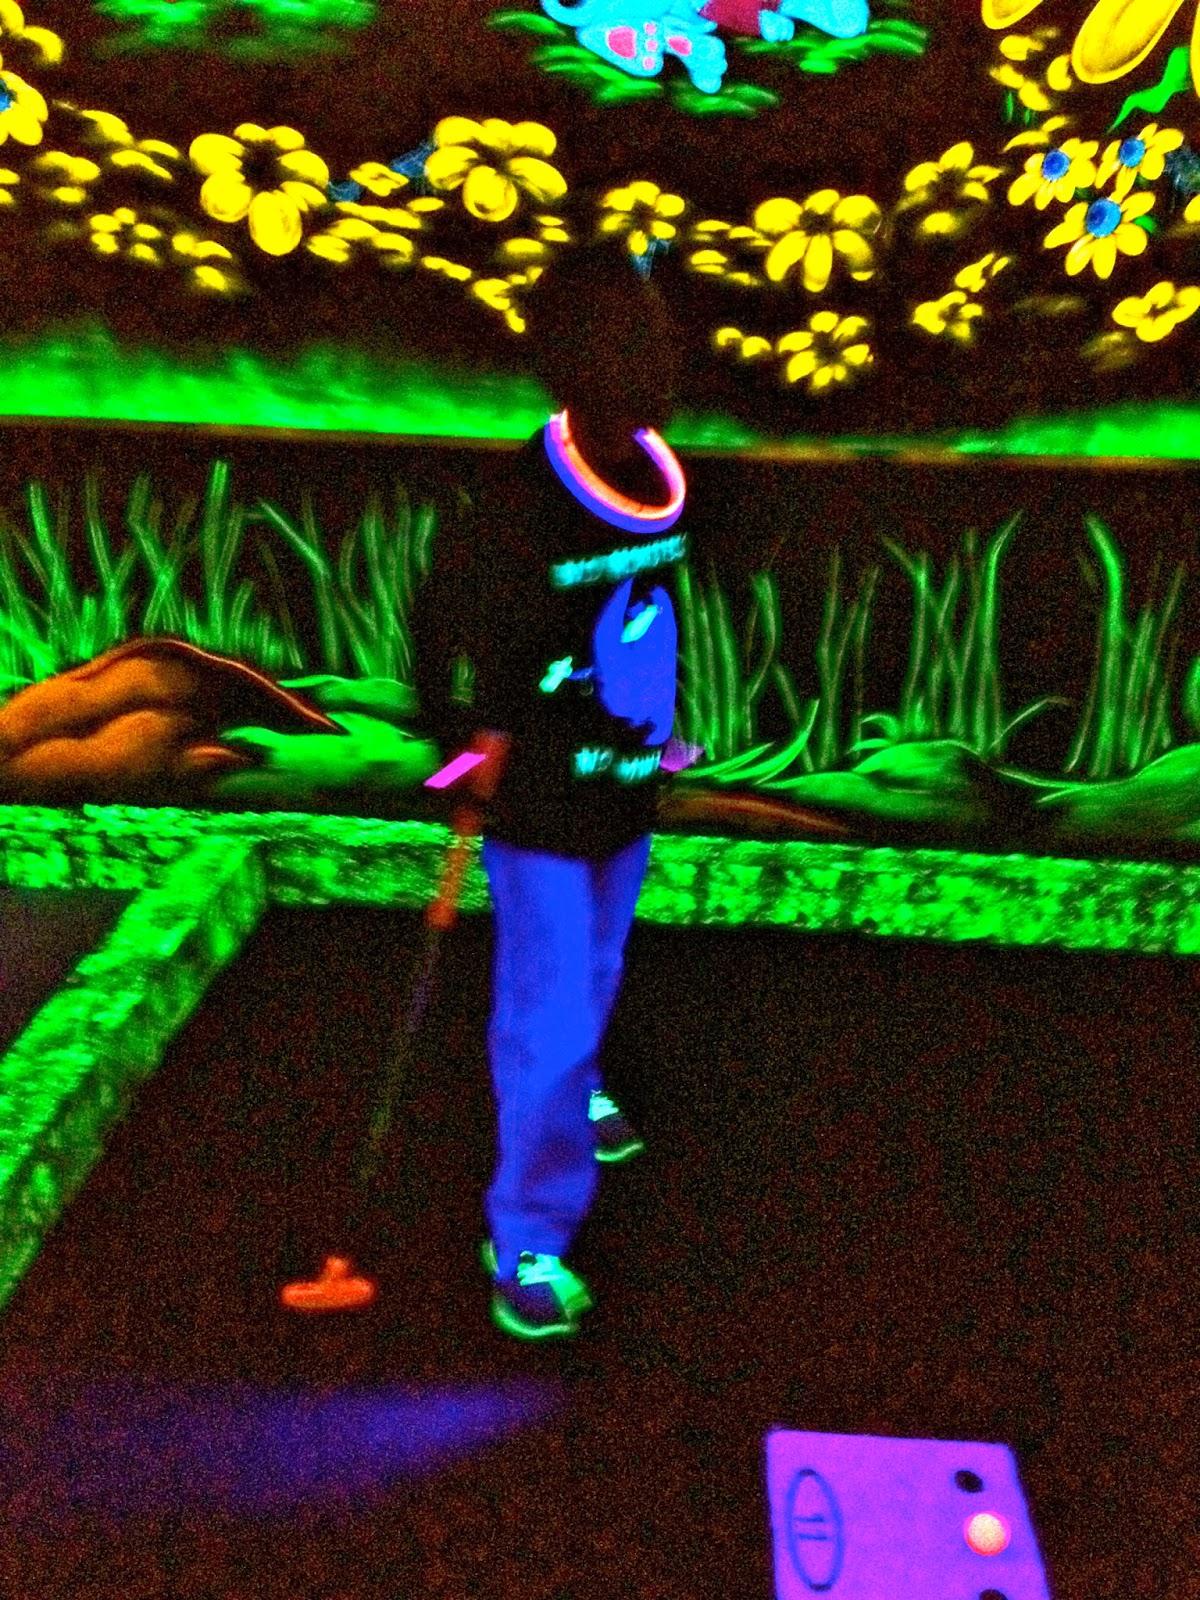 Glow In The Dark Centerpieces Monster glow in the dark partyGlow In The Dark Centerpieces